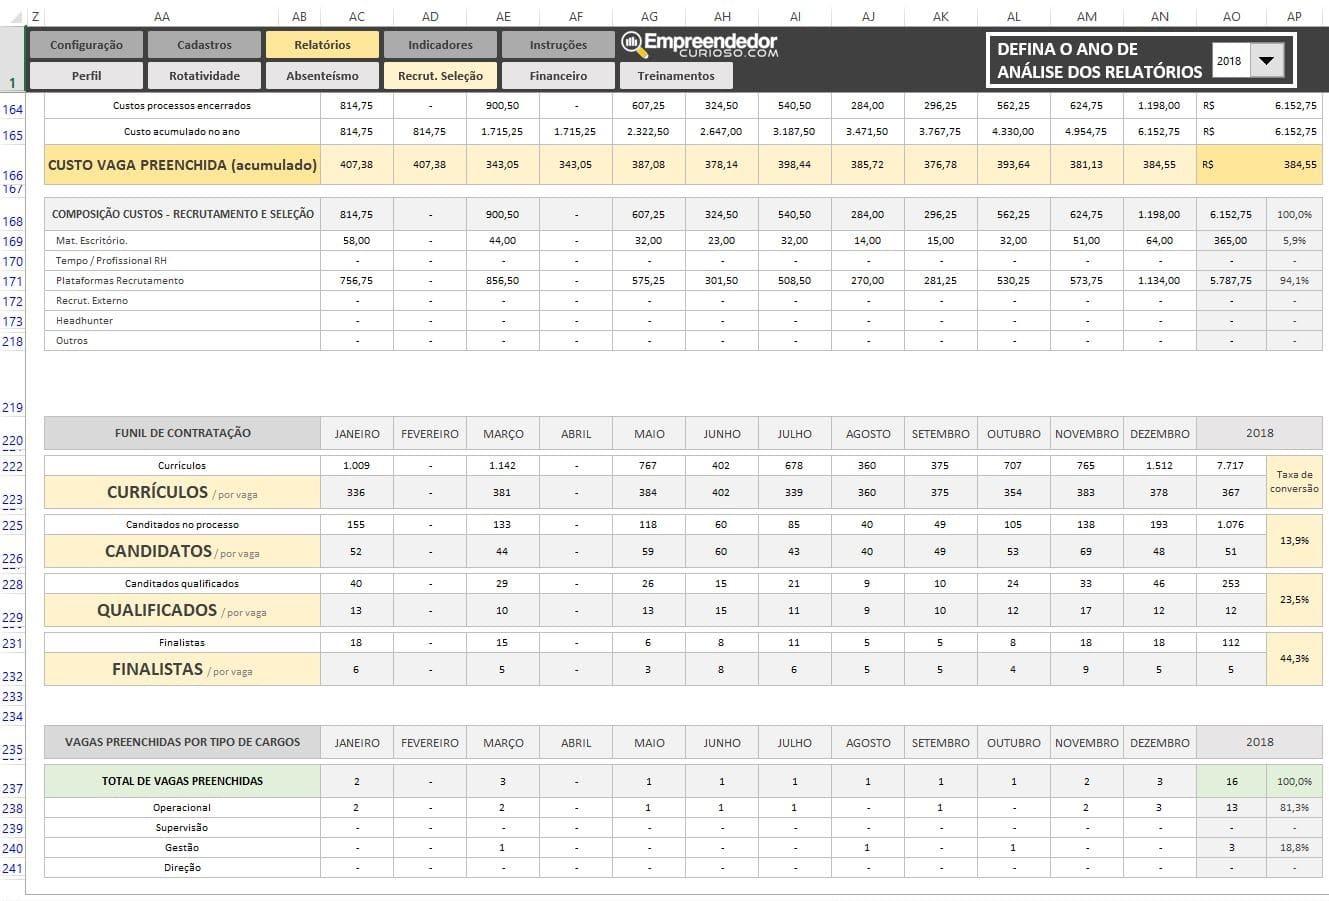 Indicadores de Recrutamento e Seleção - Relatório de processo seletivo - Indicadores de RH em Excel - Evolução - Funil de contratação.